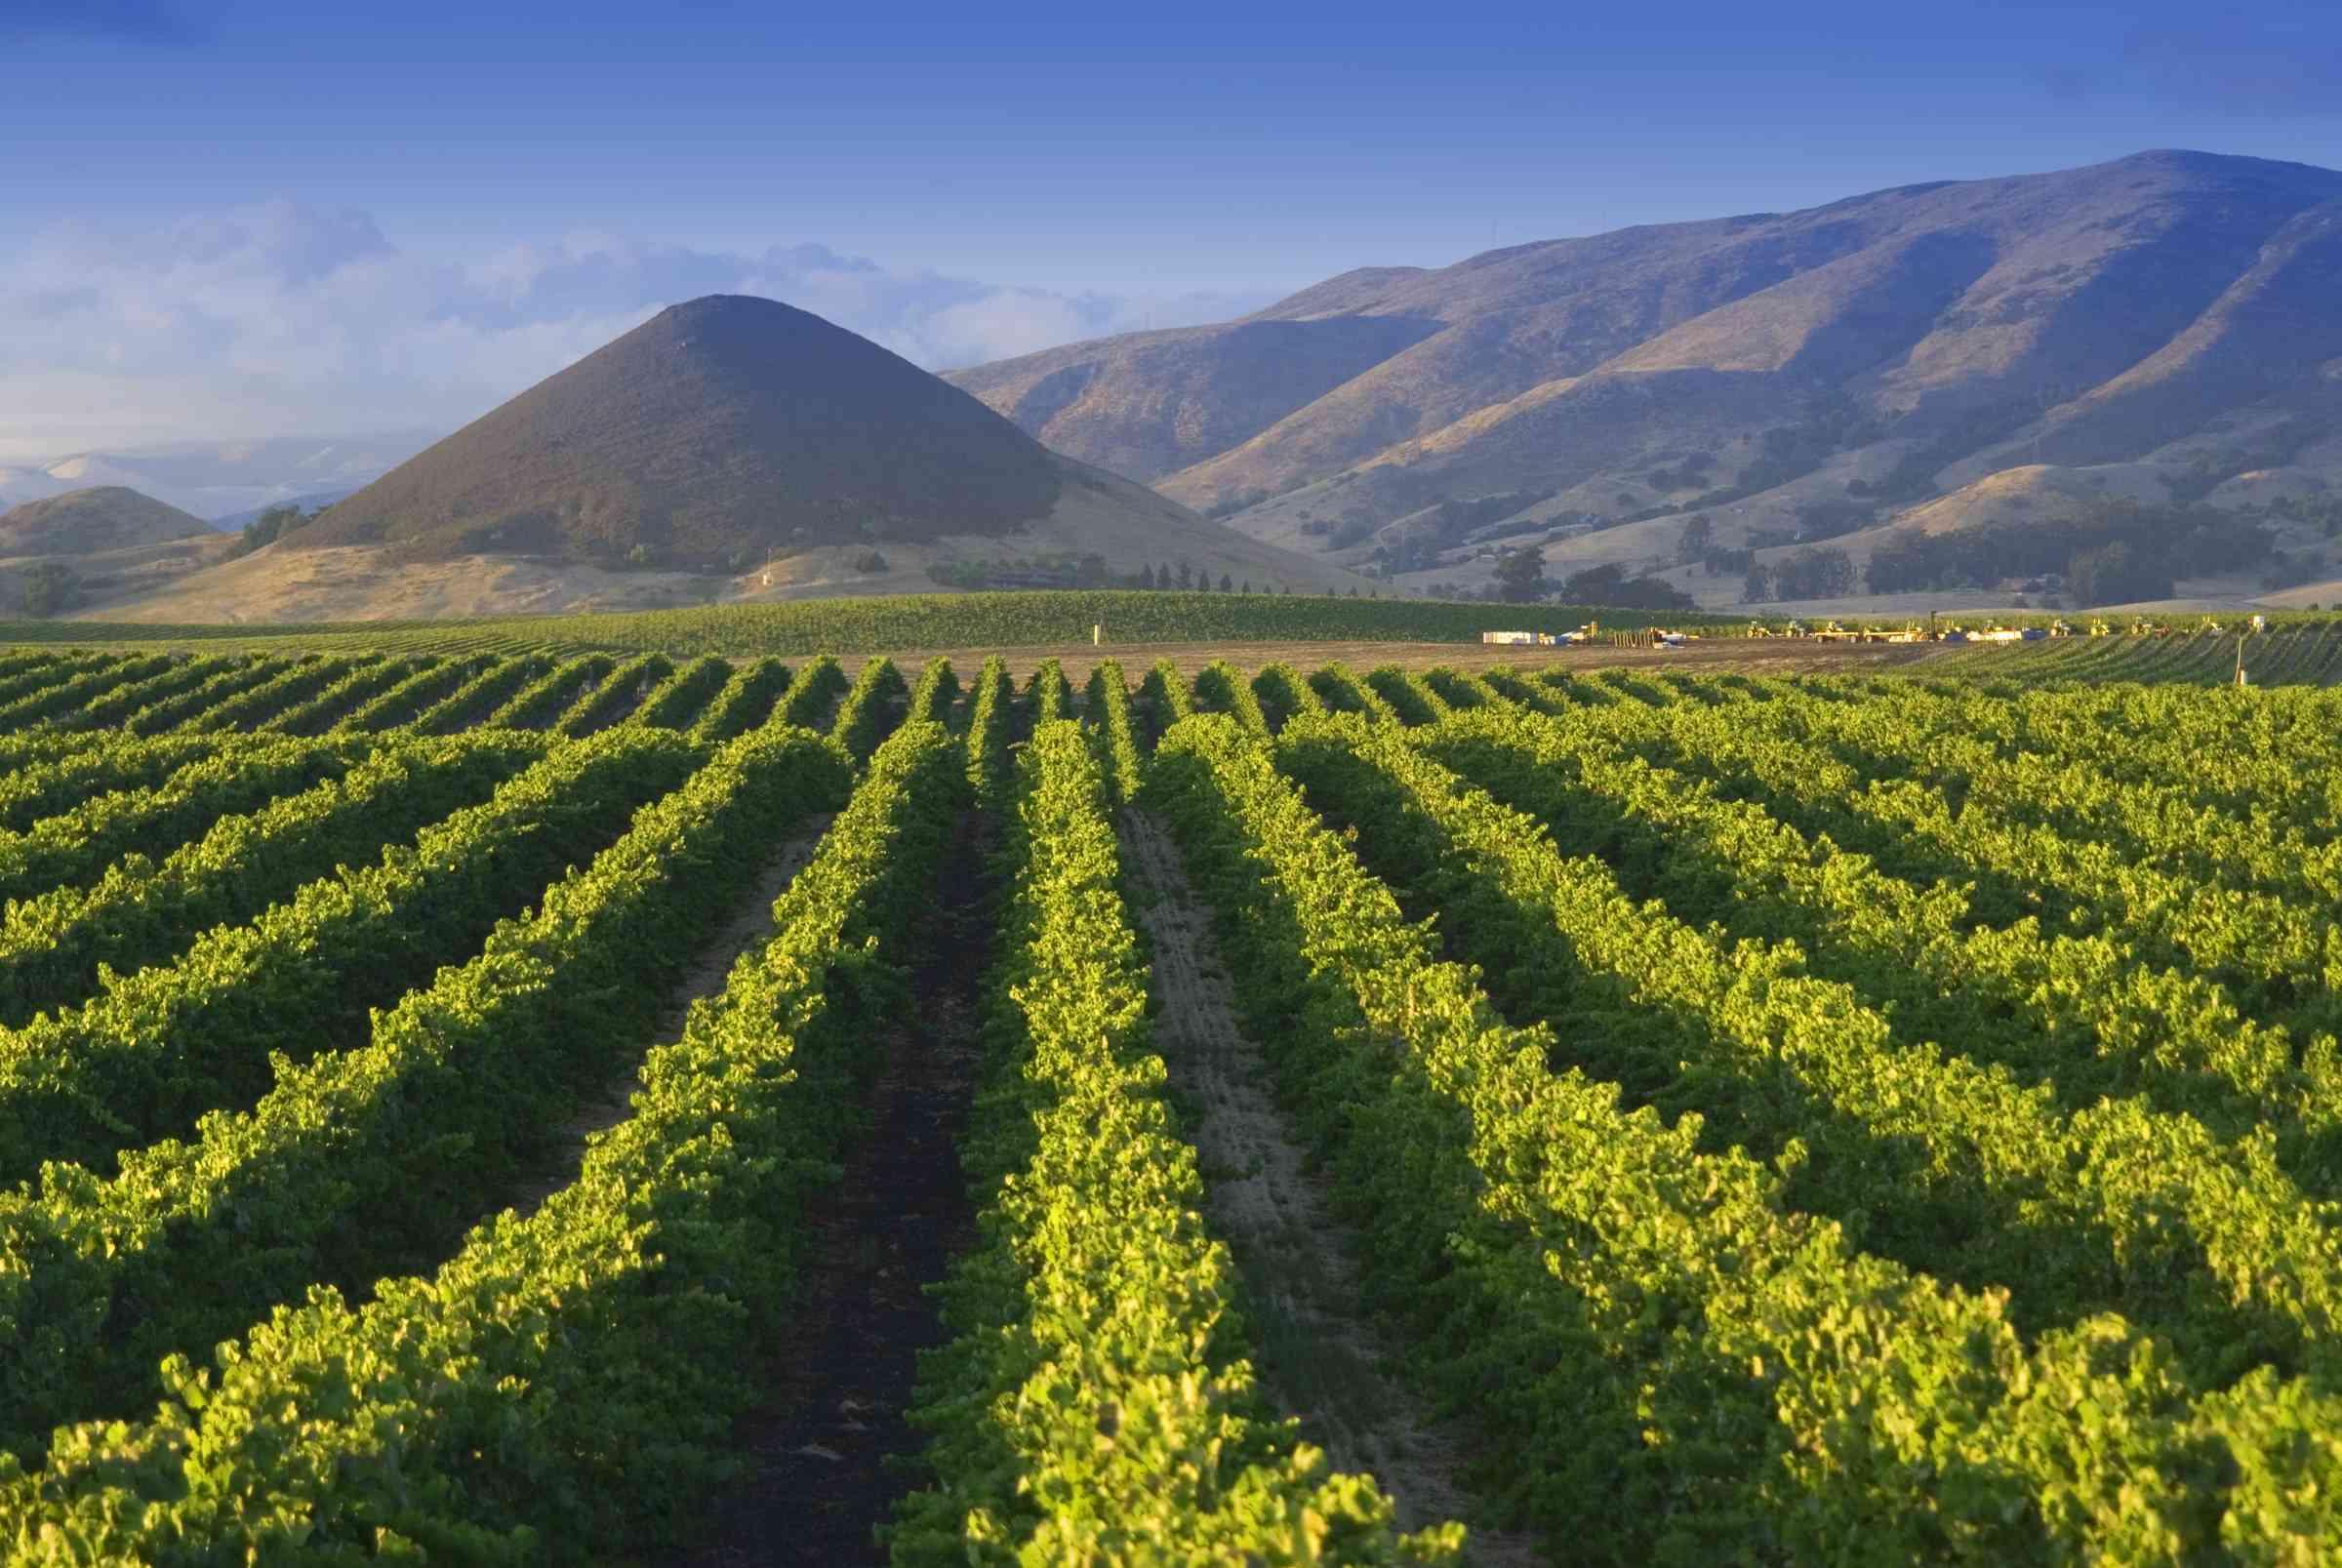 Vineyard near San Luis Obispo